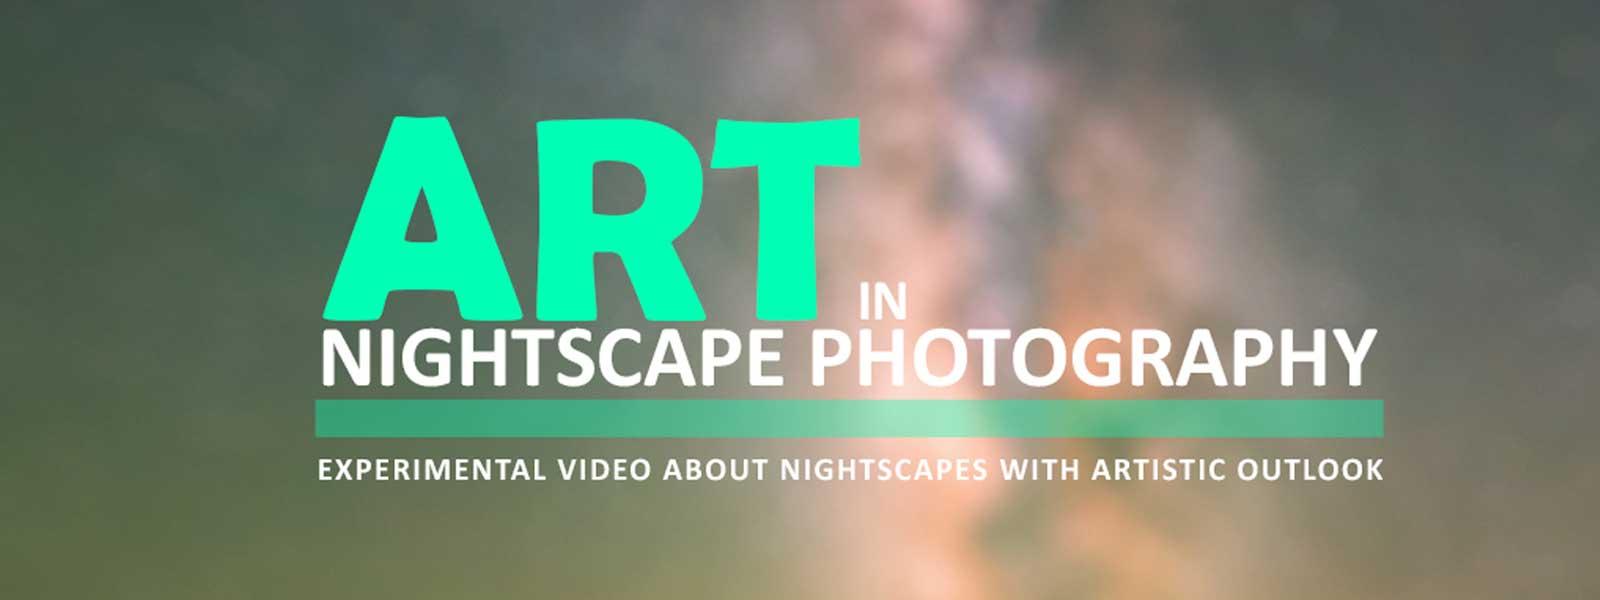 عکس بنر مقاله ویدیویی هنر در عکاسی منظره در شب